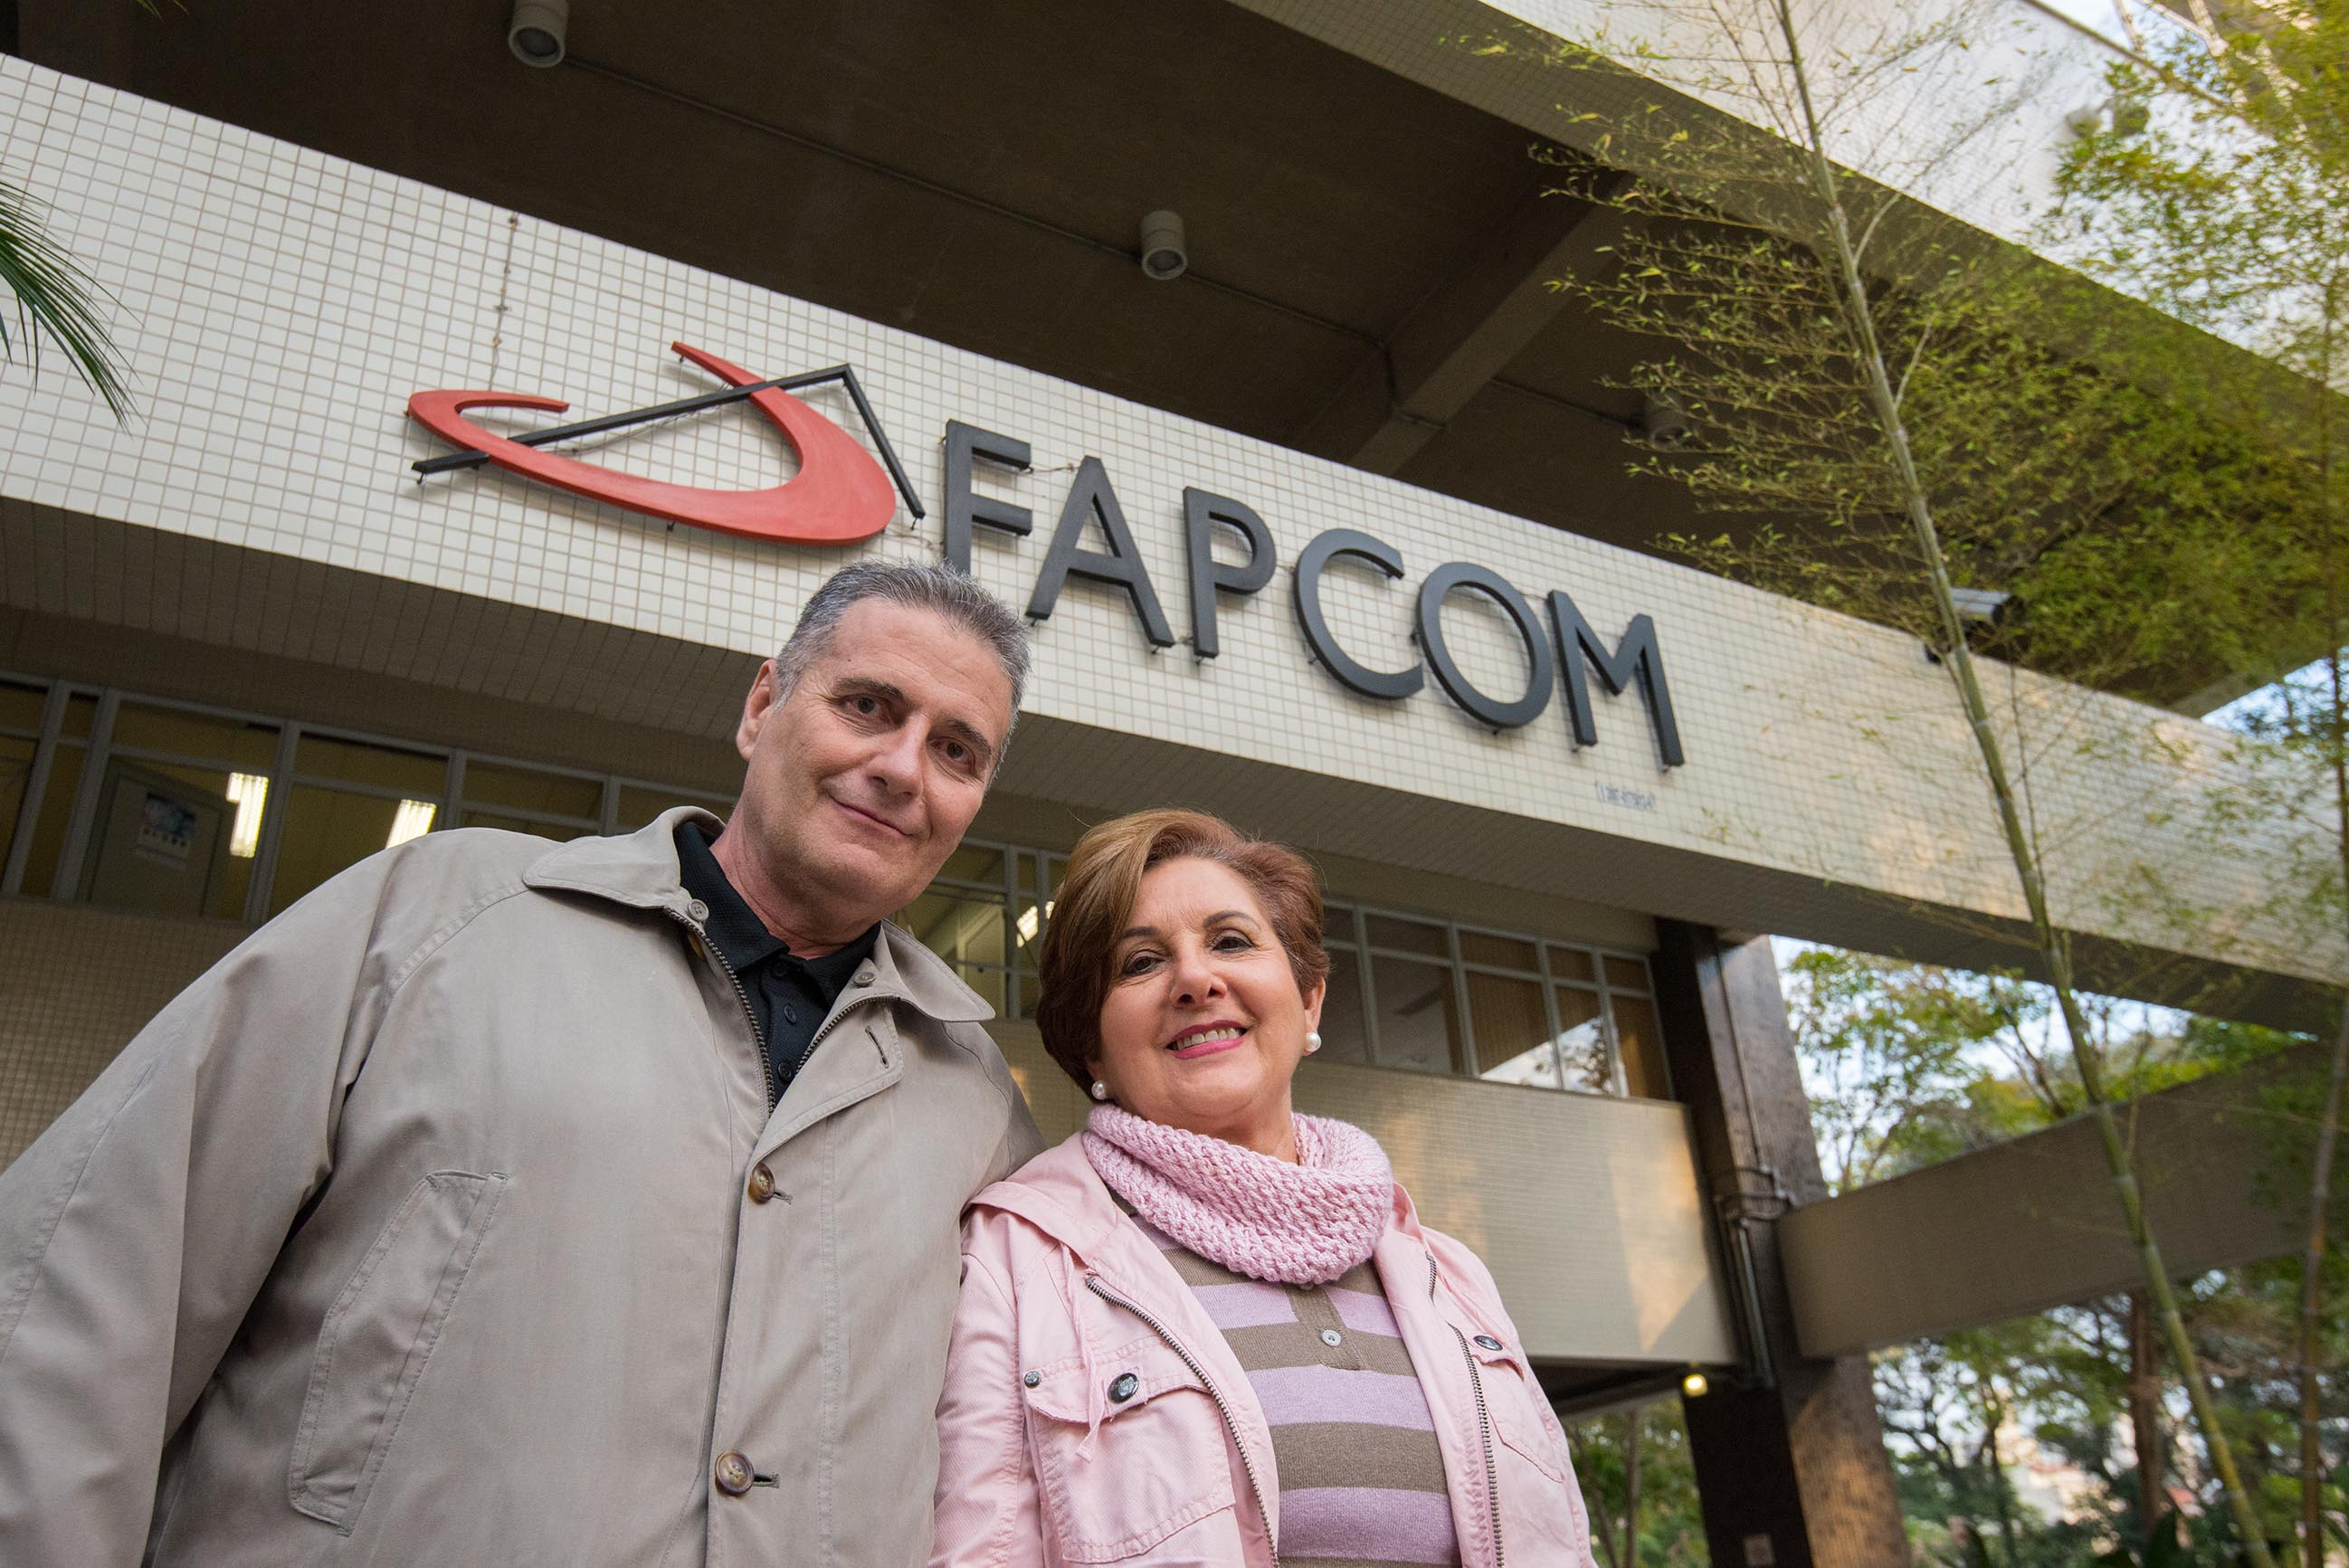 fapcom-4470